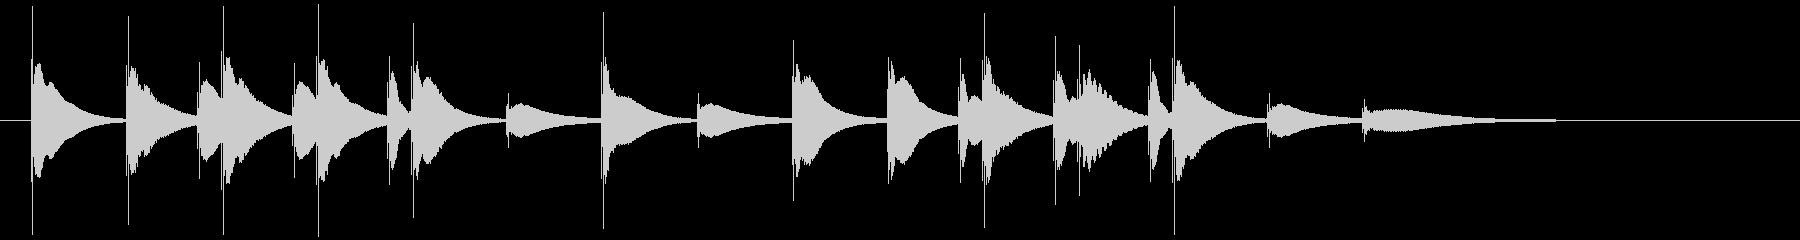 明るく可愛らしい木琴のジングル1の未再生の波形